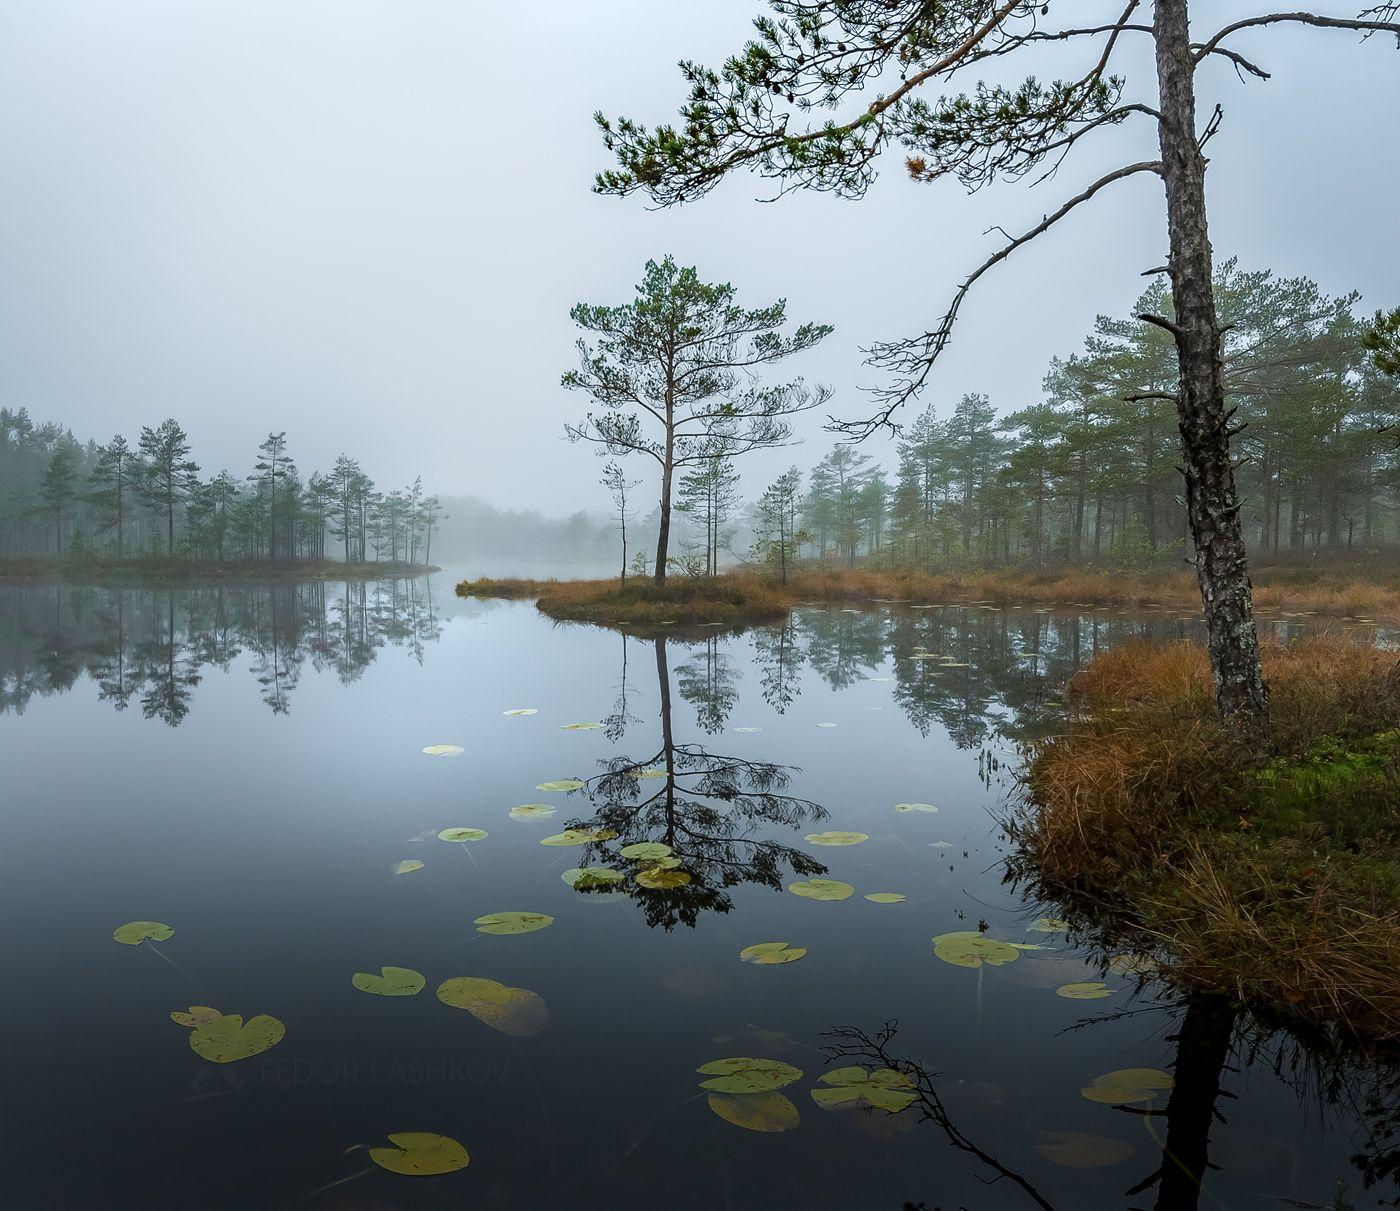 Пасмурное утро Ленинградская область рассвет осень пасмурно сосна озеро туман отражение деревья берег листья кубышка непогода серый стальной